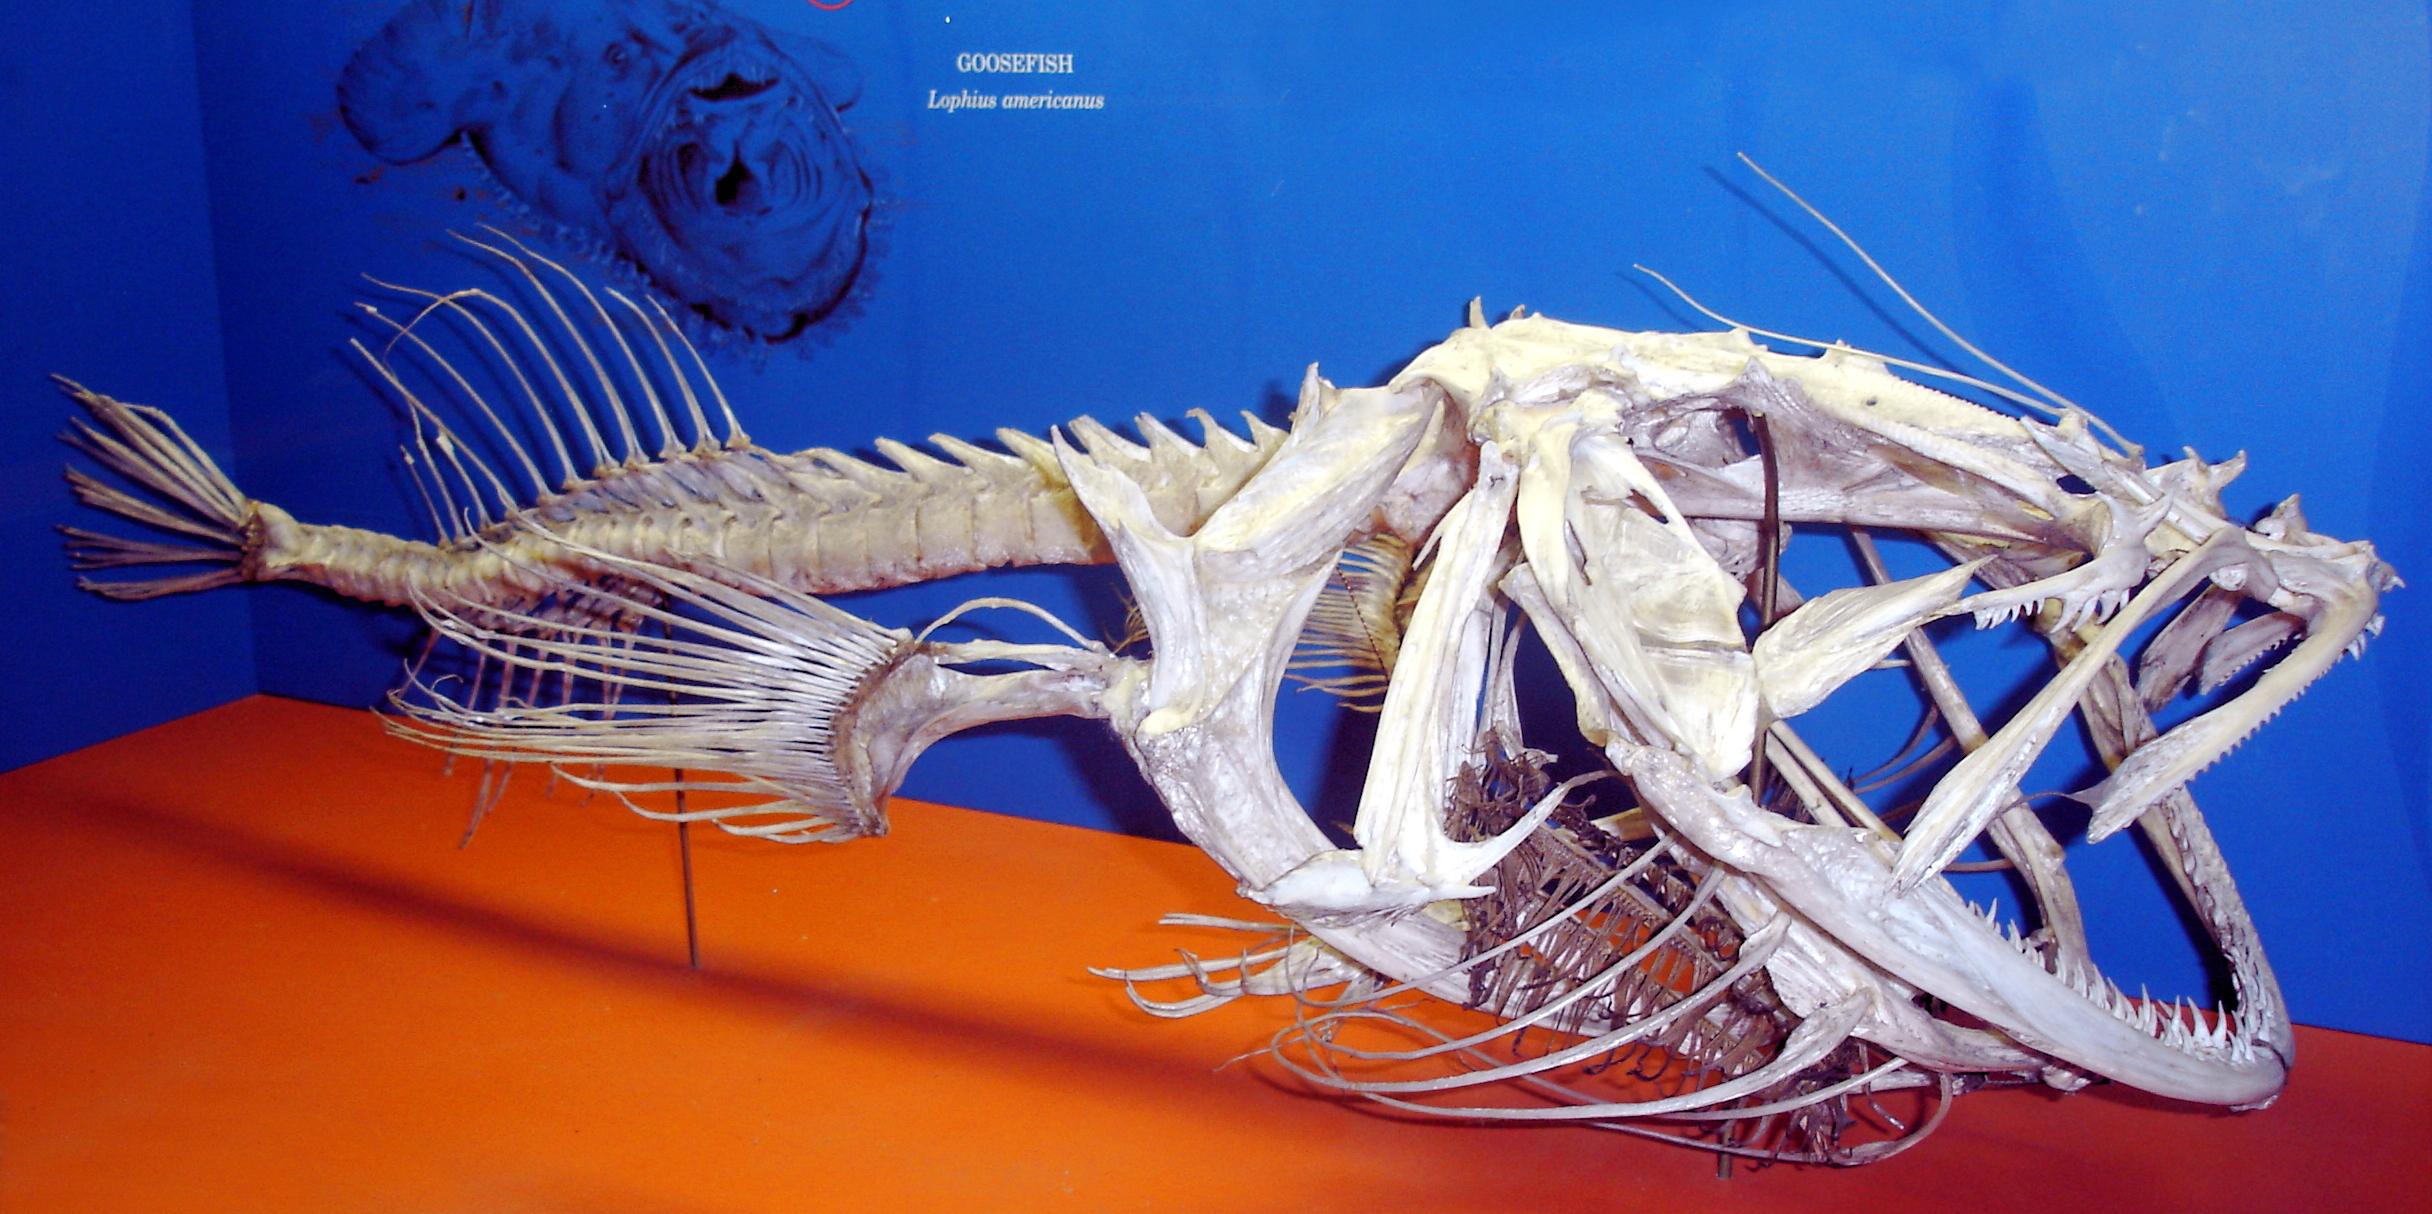 Image of American angler